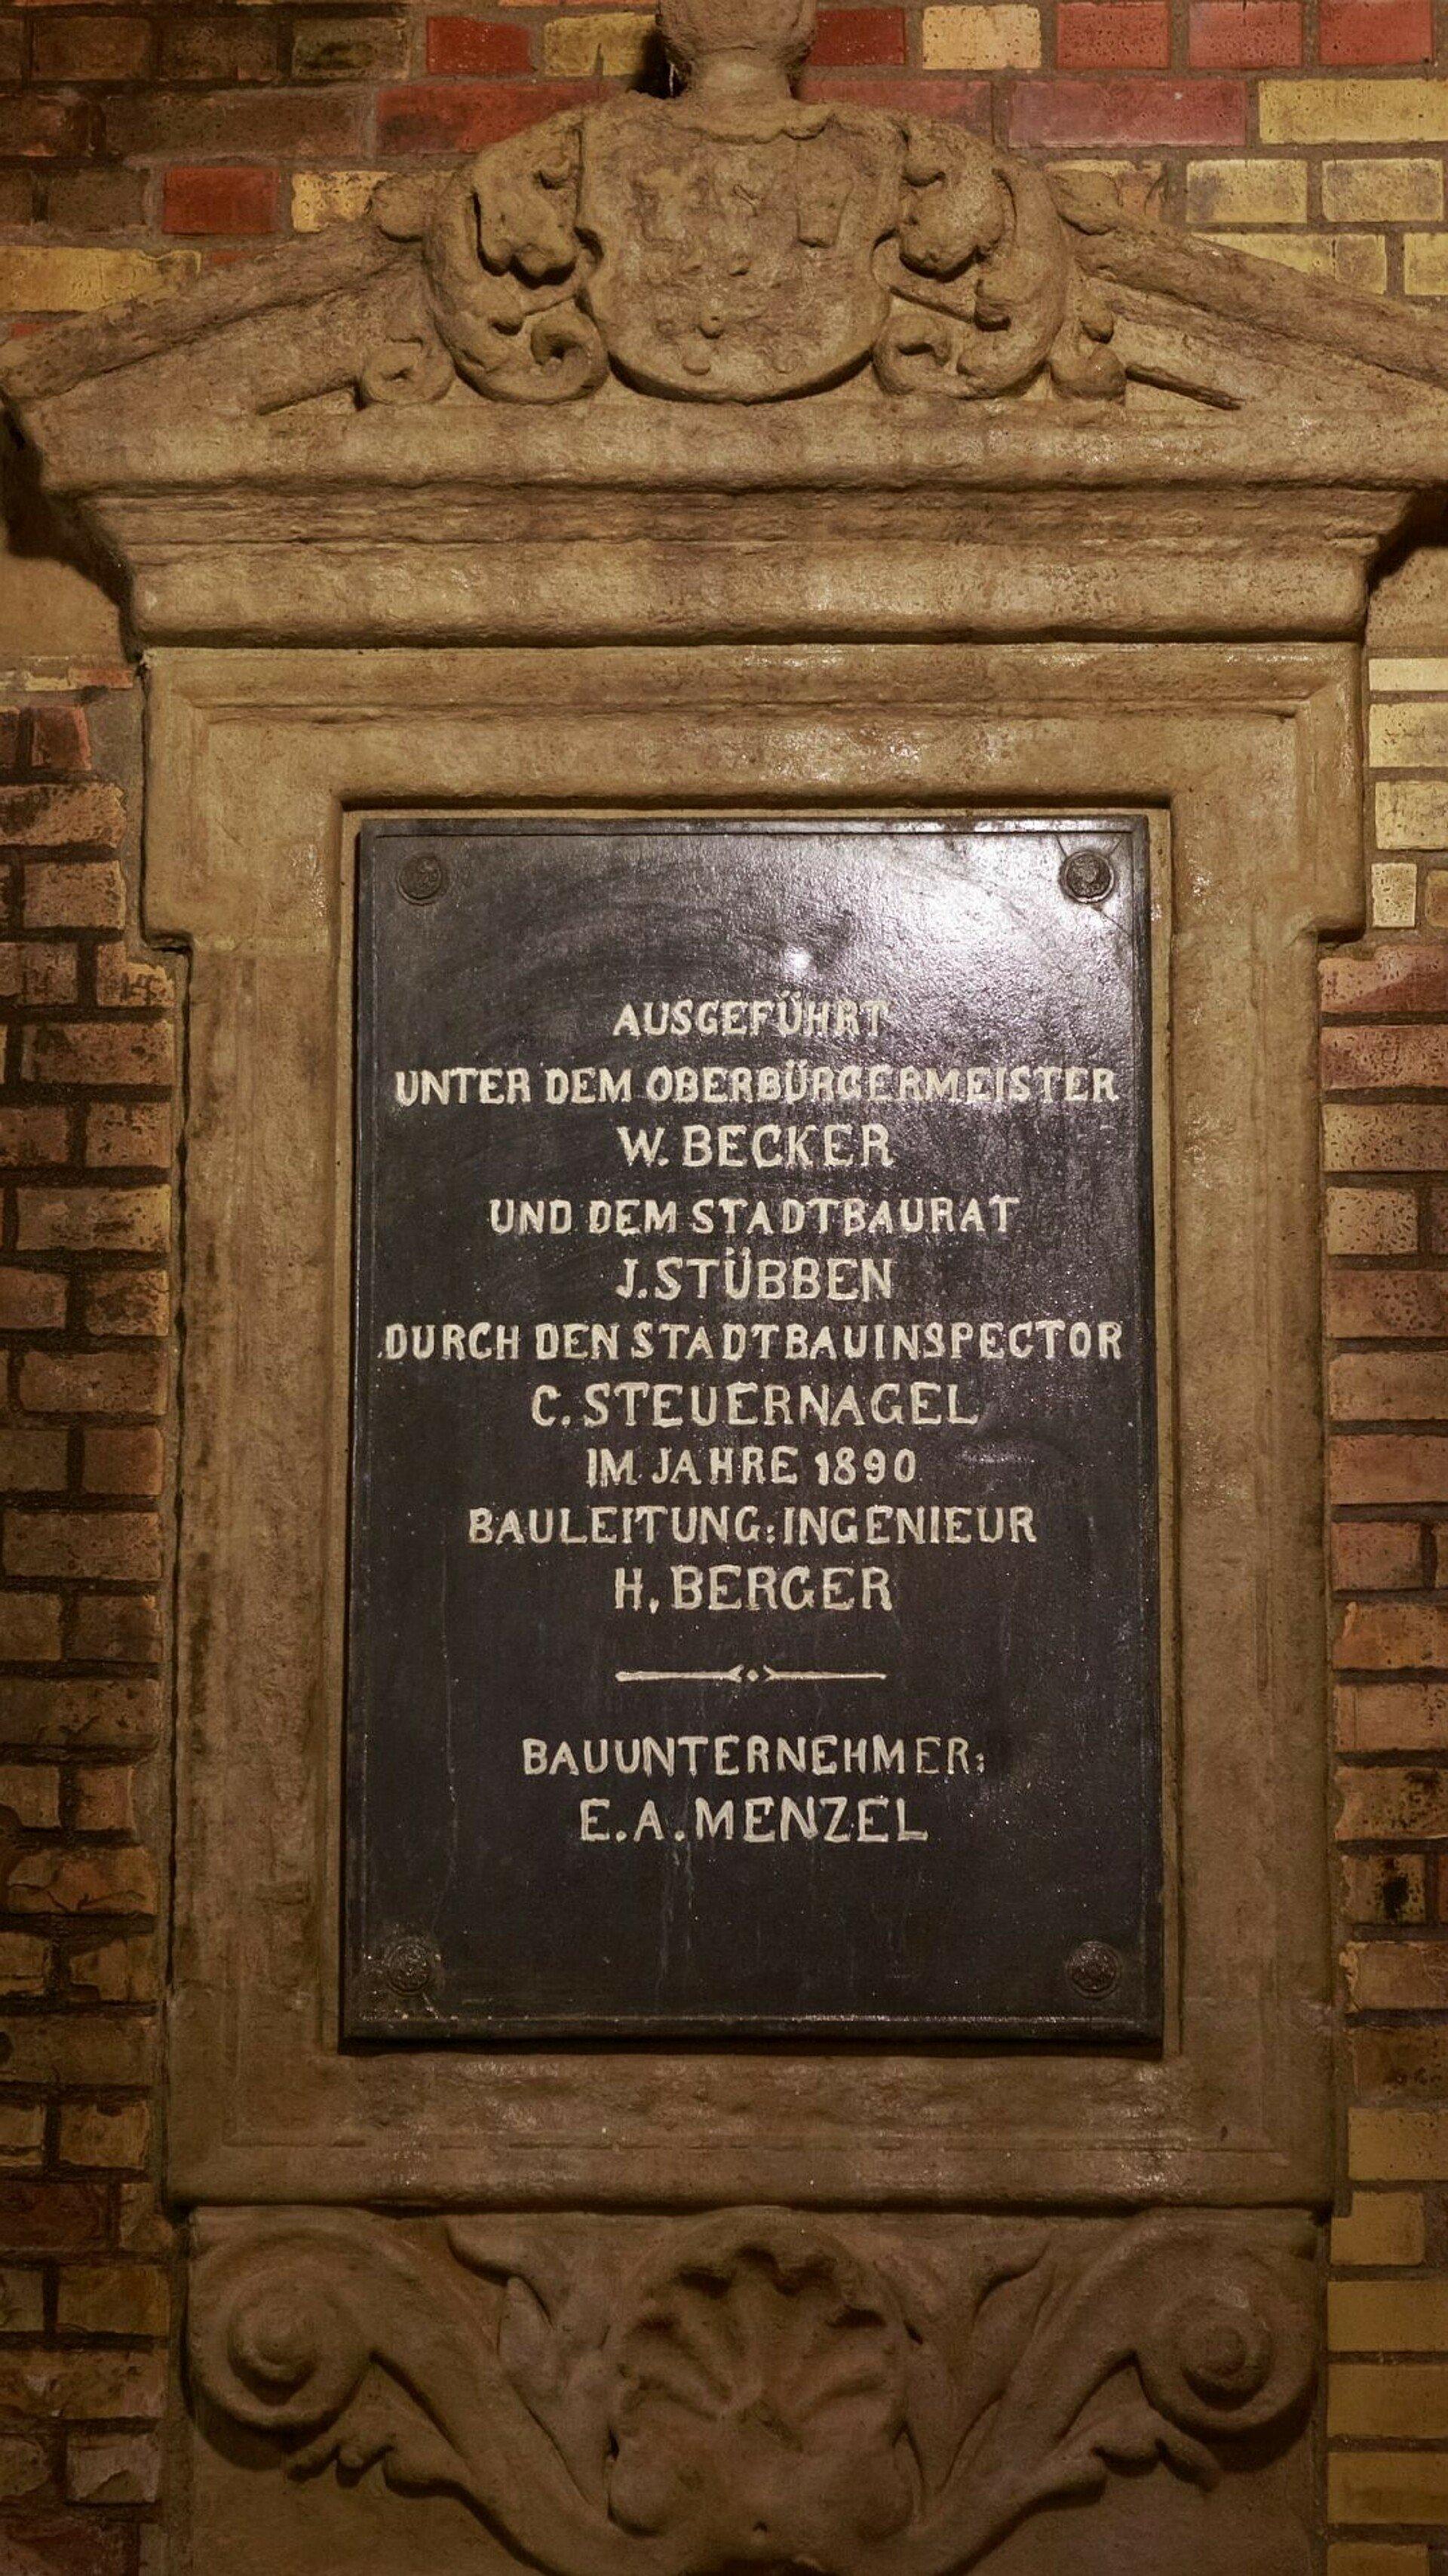 Historische Gedenktafel nennt, wer am Bau des Kronleuchtersaales in der Kanalisation beteiligt war